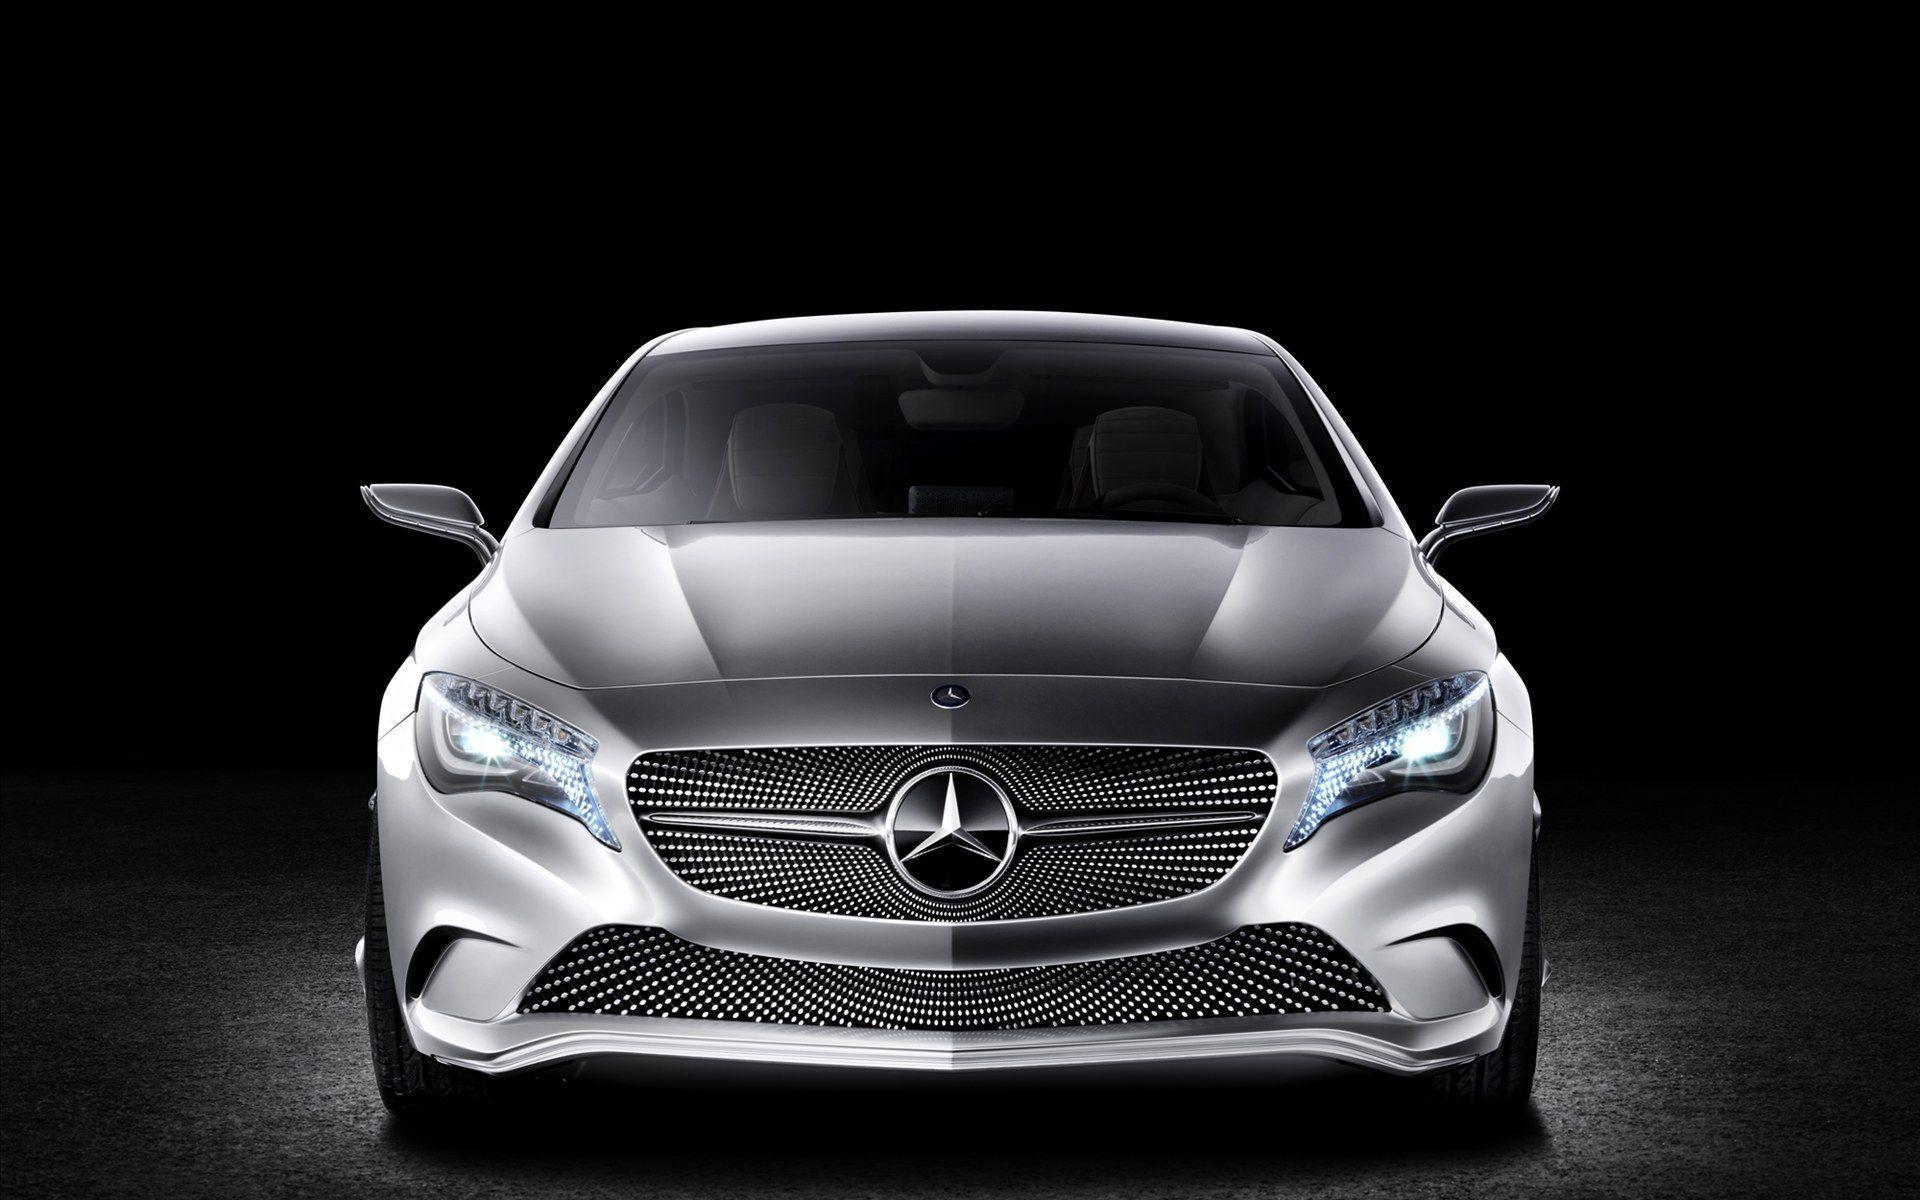 2017 Mercedes Benz Concept X Class Adventurer Wallpaper | HD Car ...